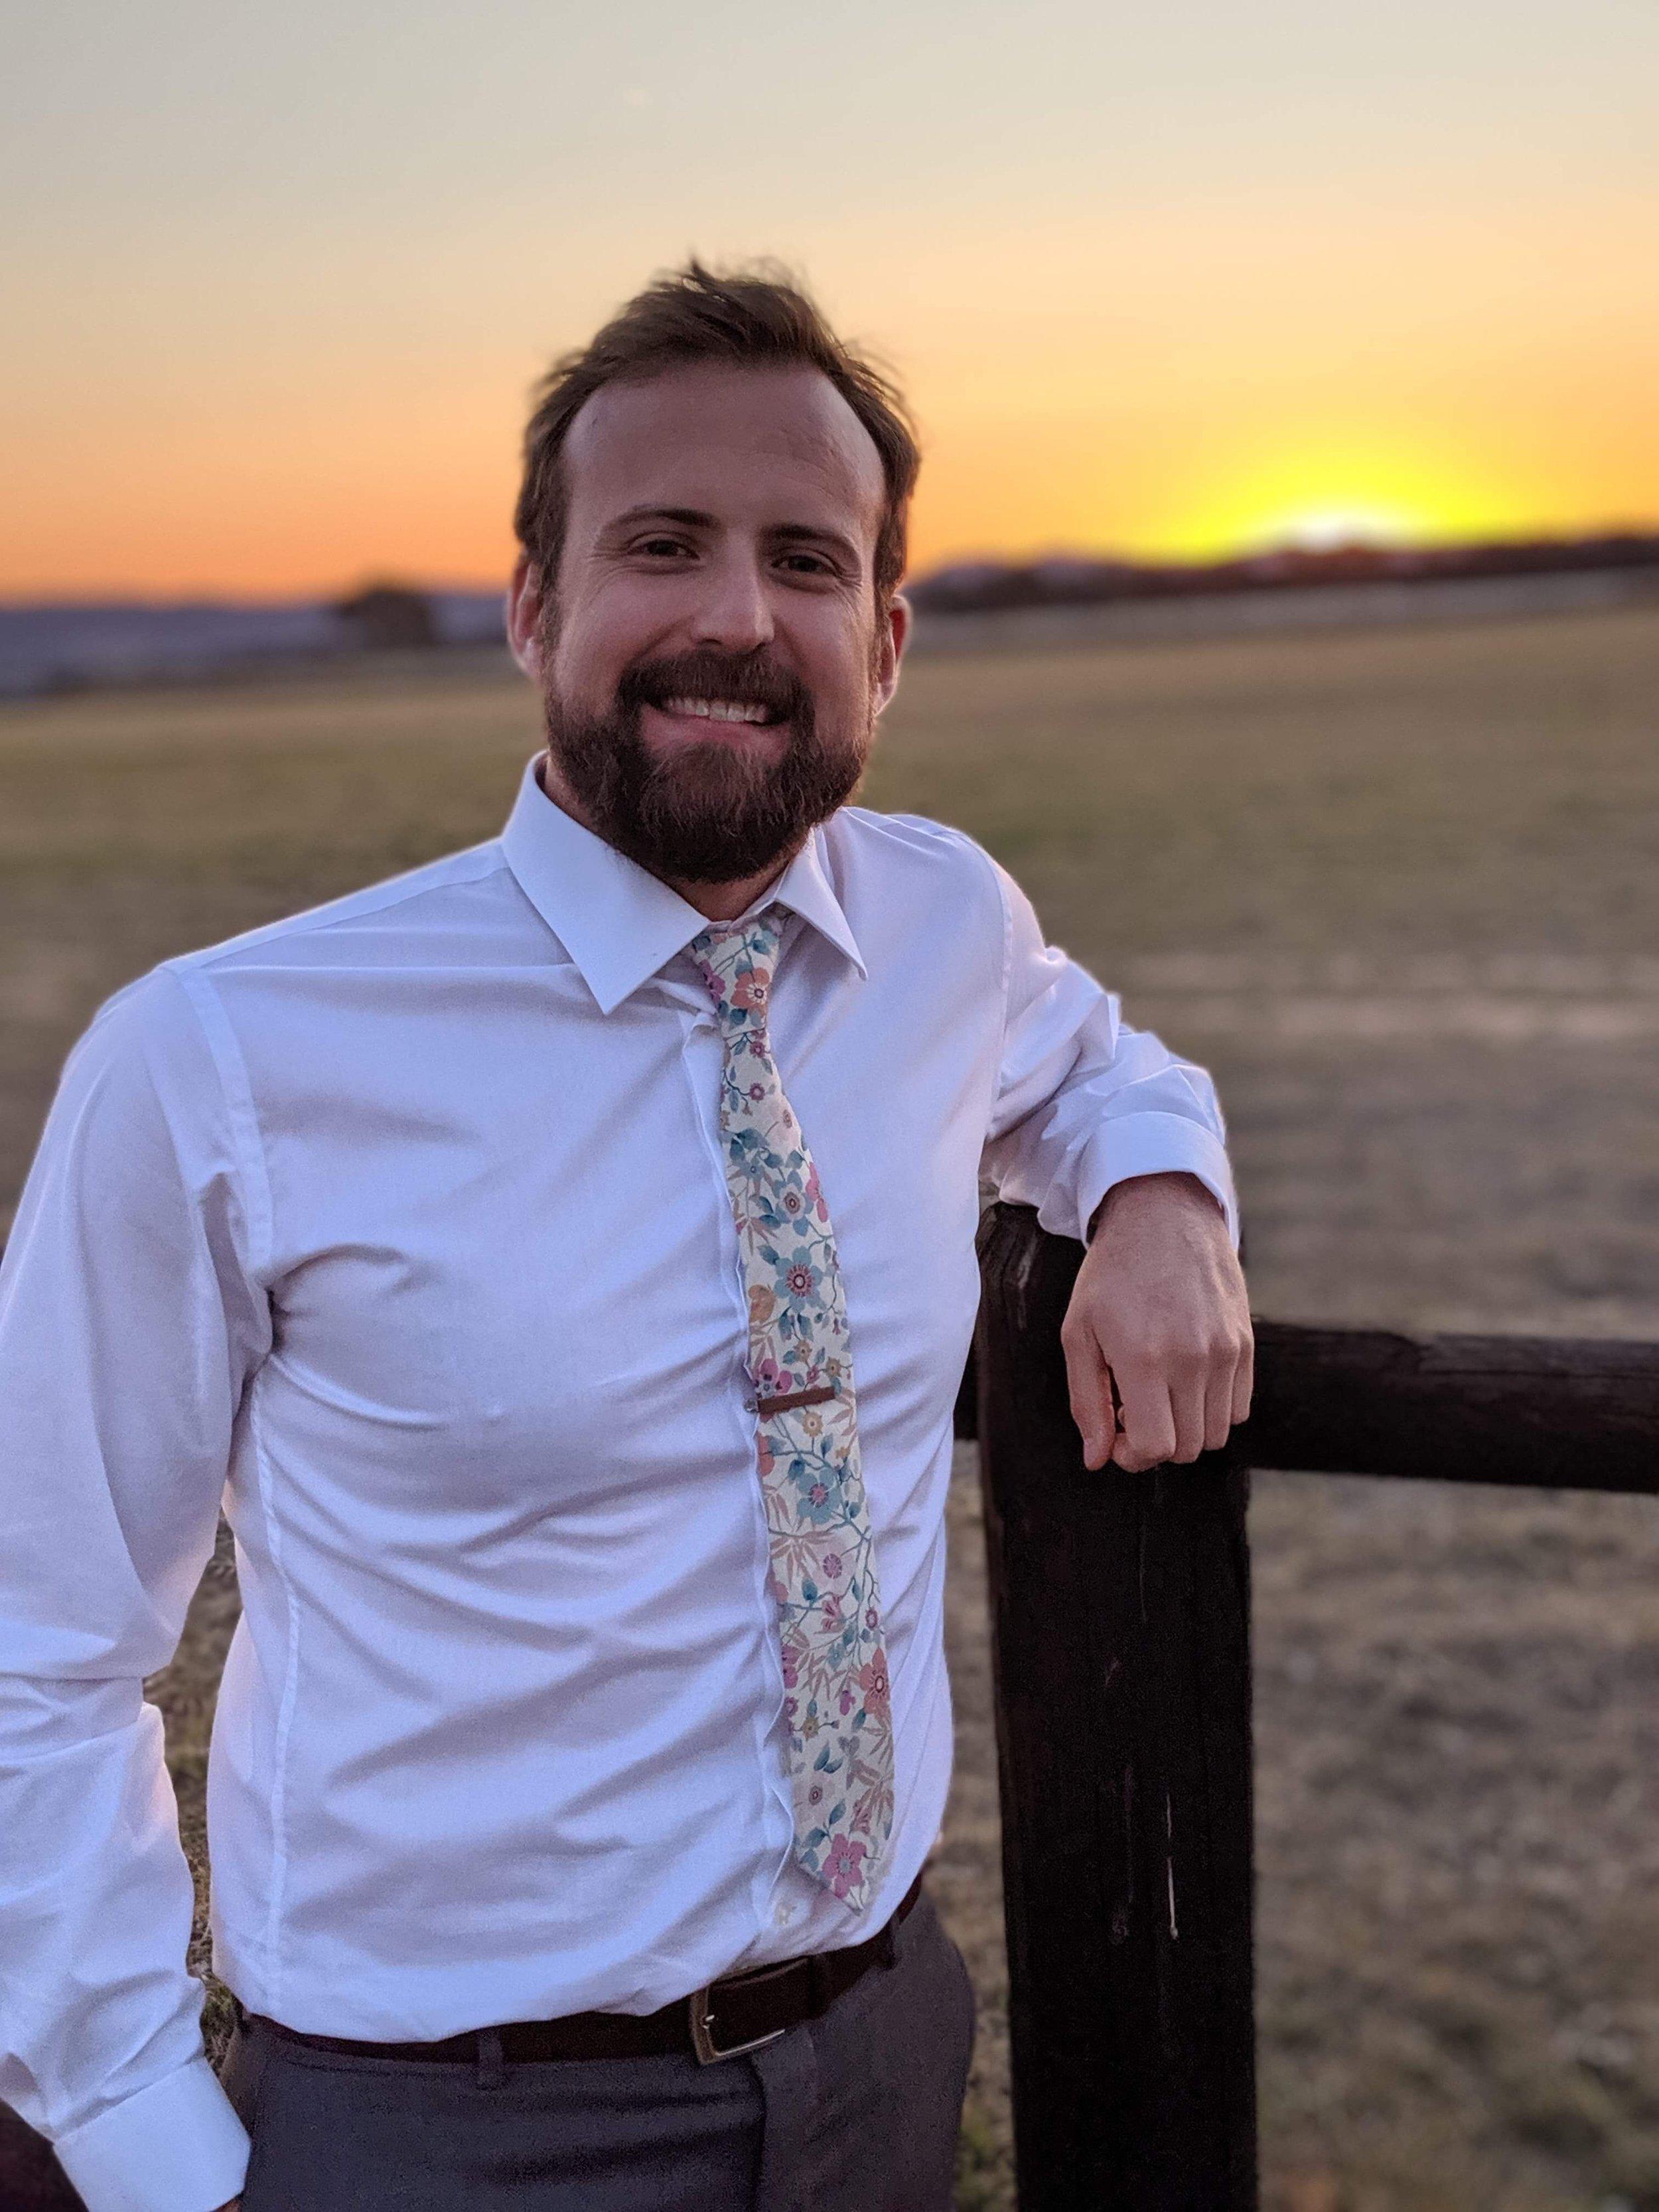 edward kwan handmade neckties ties melbourne australia 3.JPG